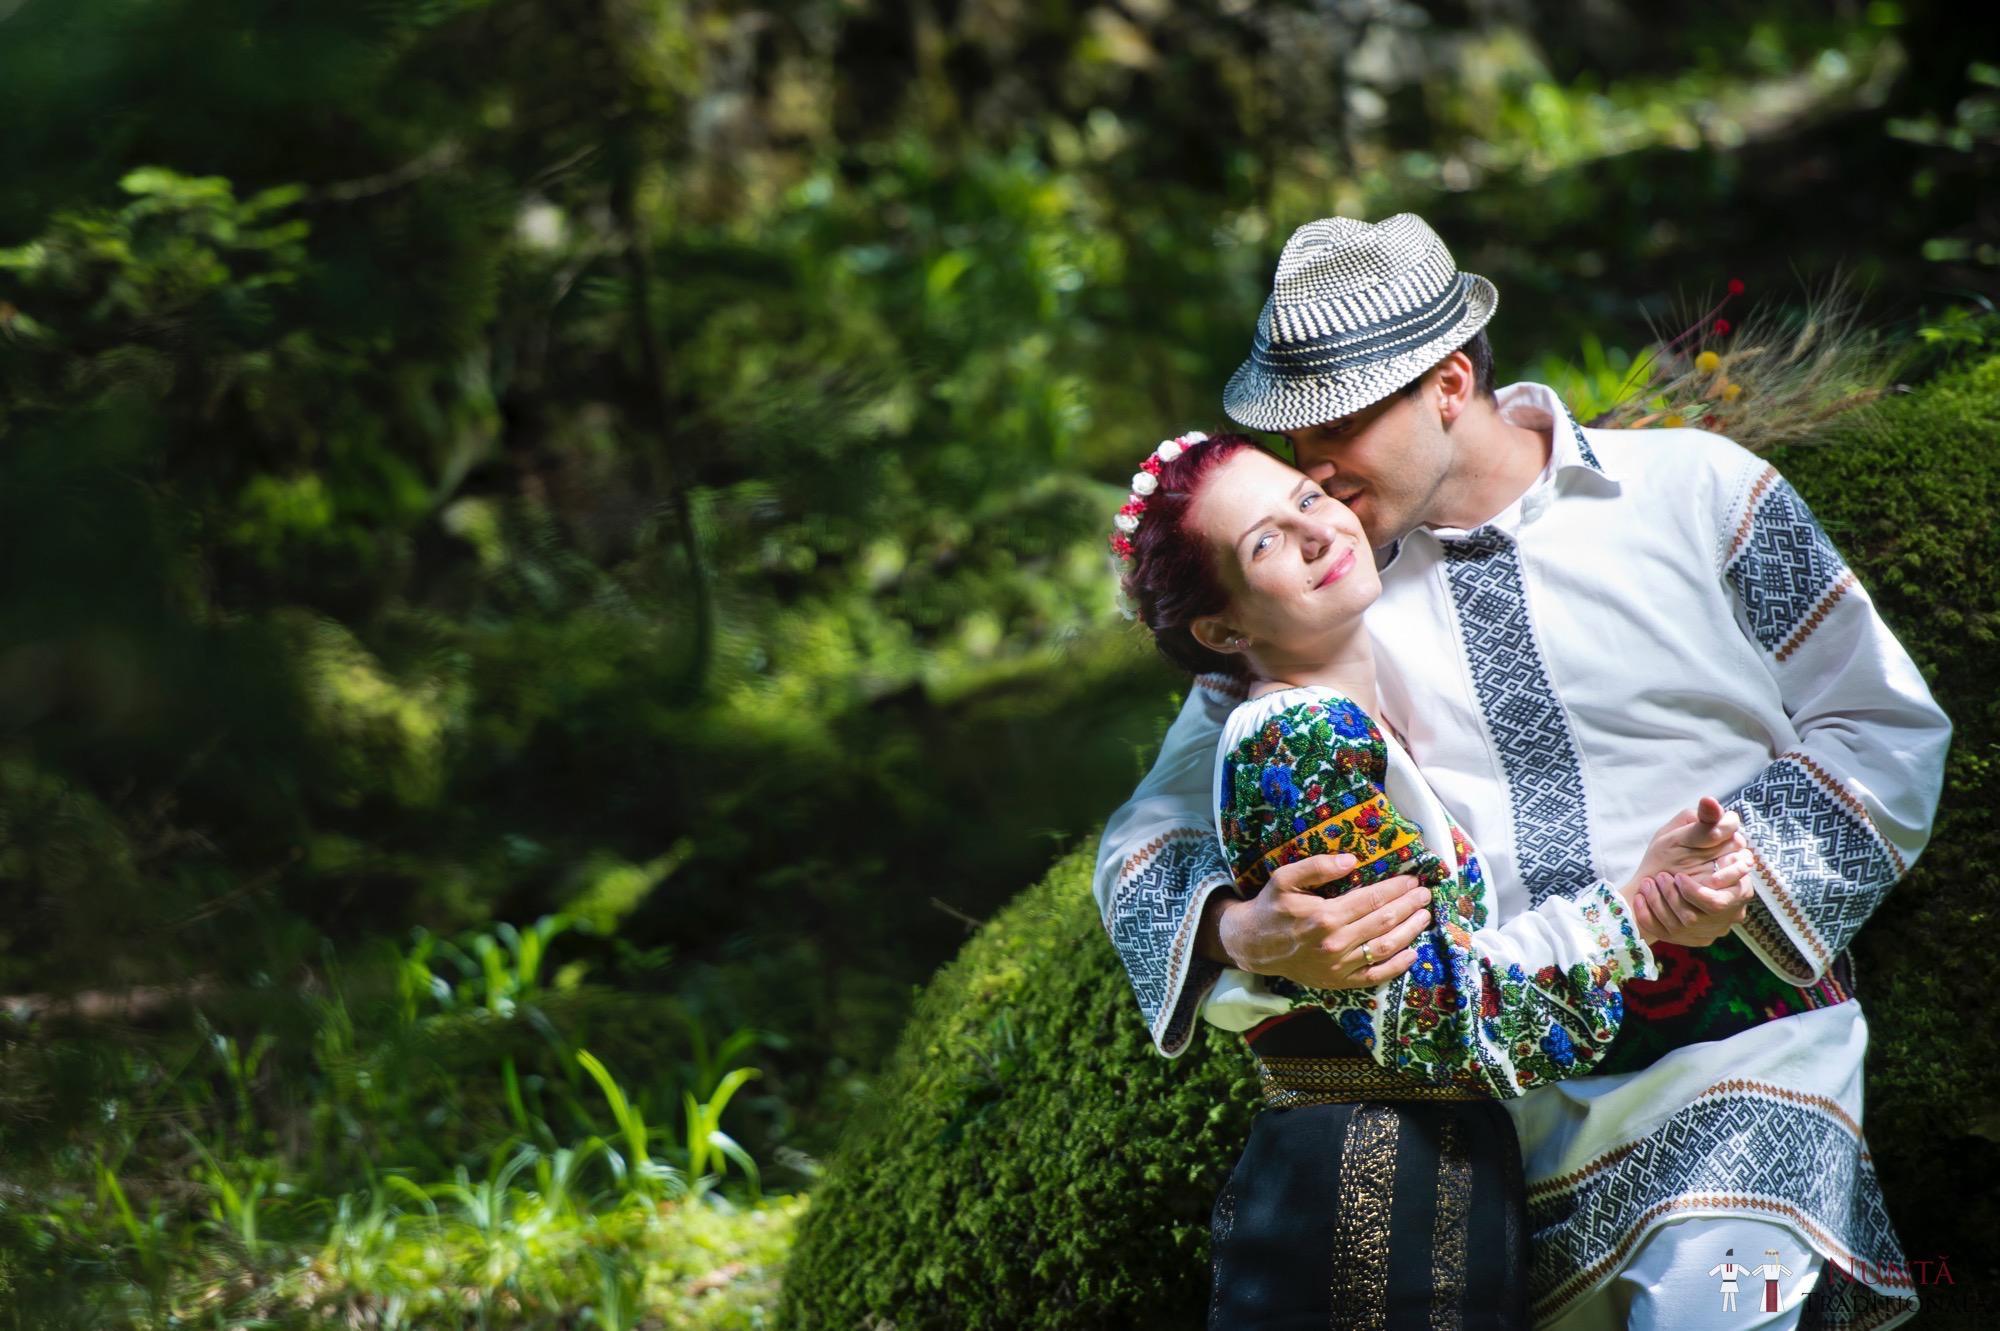 Povești Nunți Tradiționale - Gabriela și Mădălin - Nuntă Tradițională în Suceava, Bucovina 21